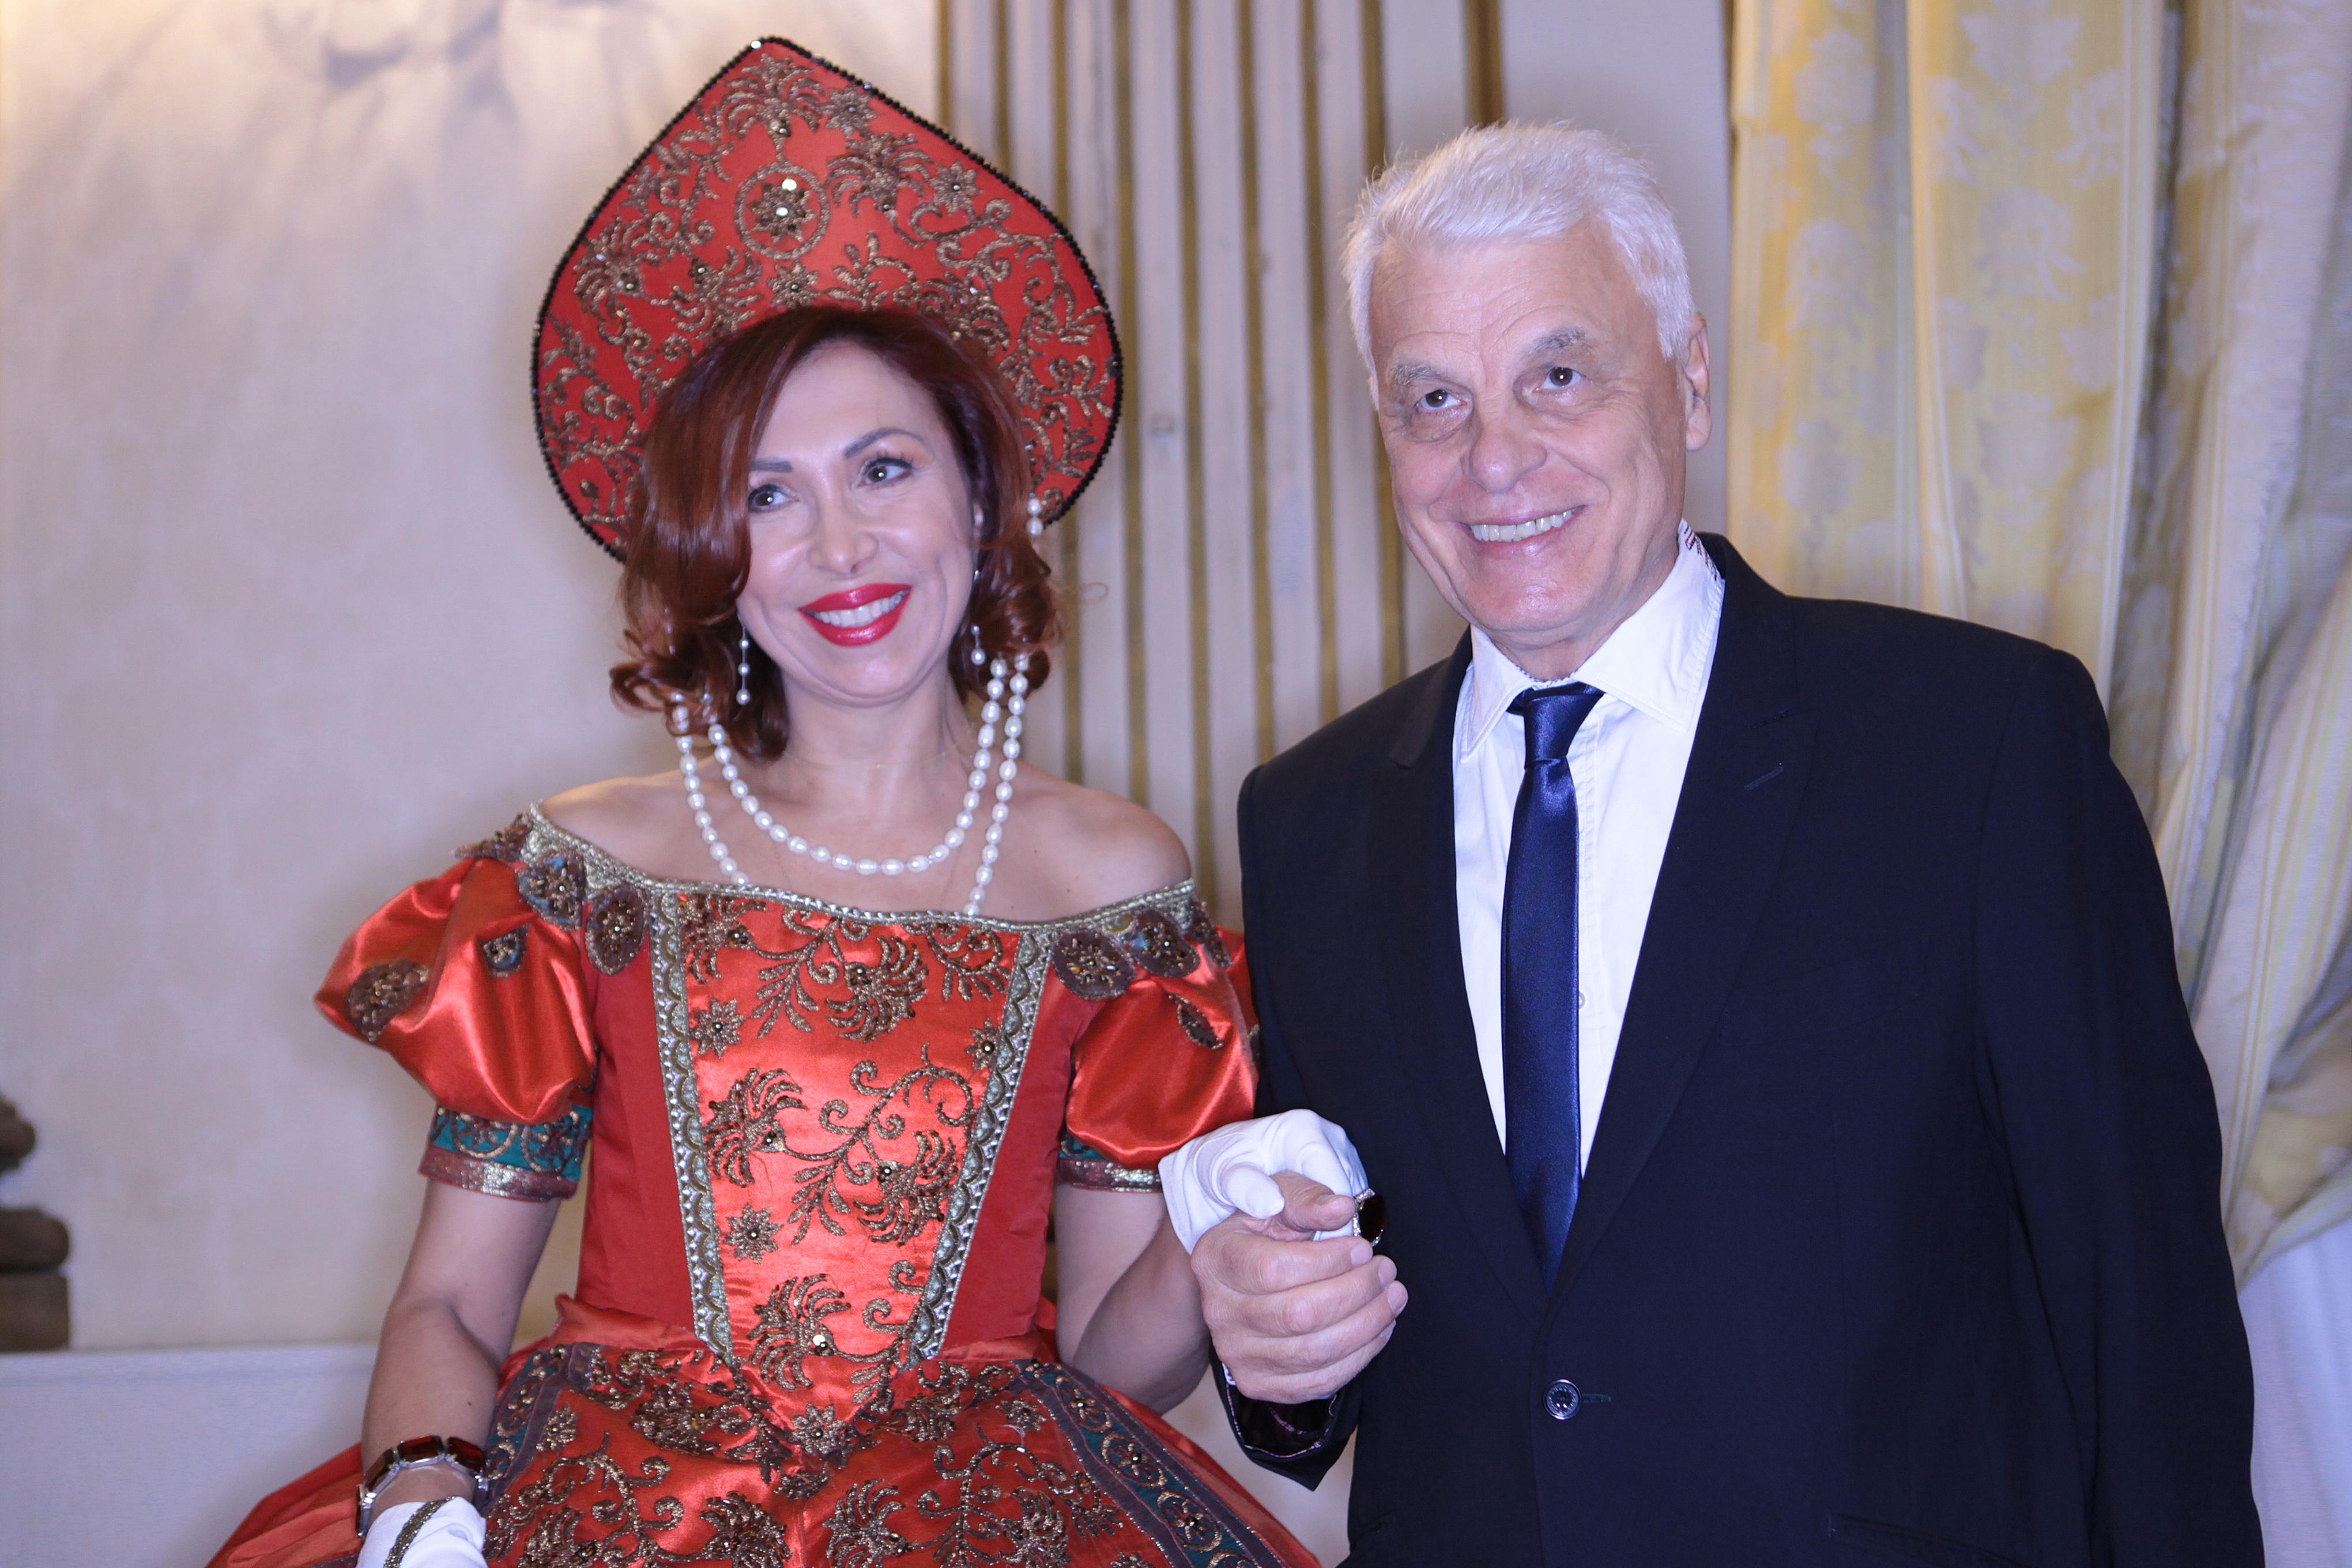 L'attore italiano Michele Placido, tra gli ospiti d'onore dell'evento\n